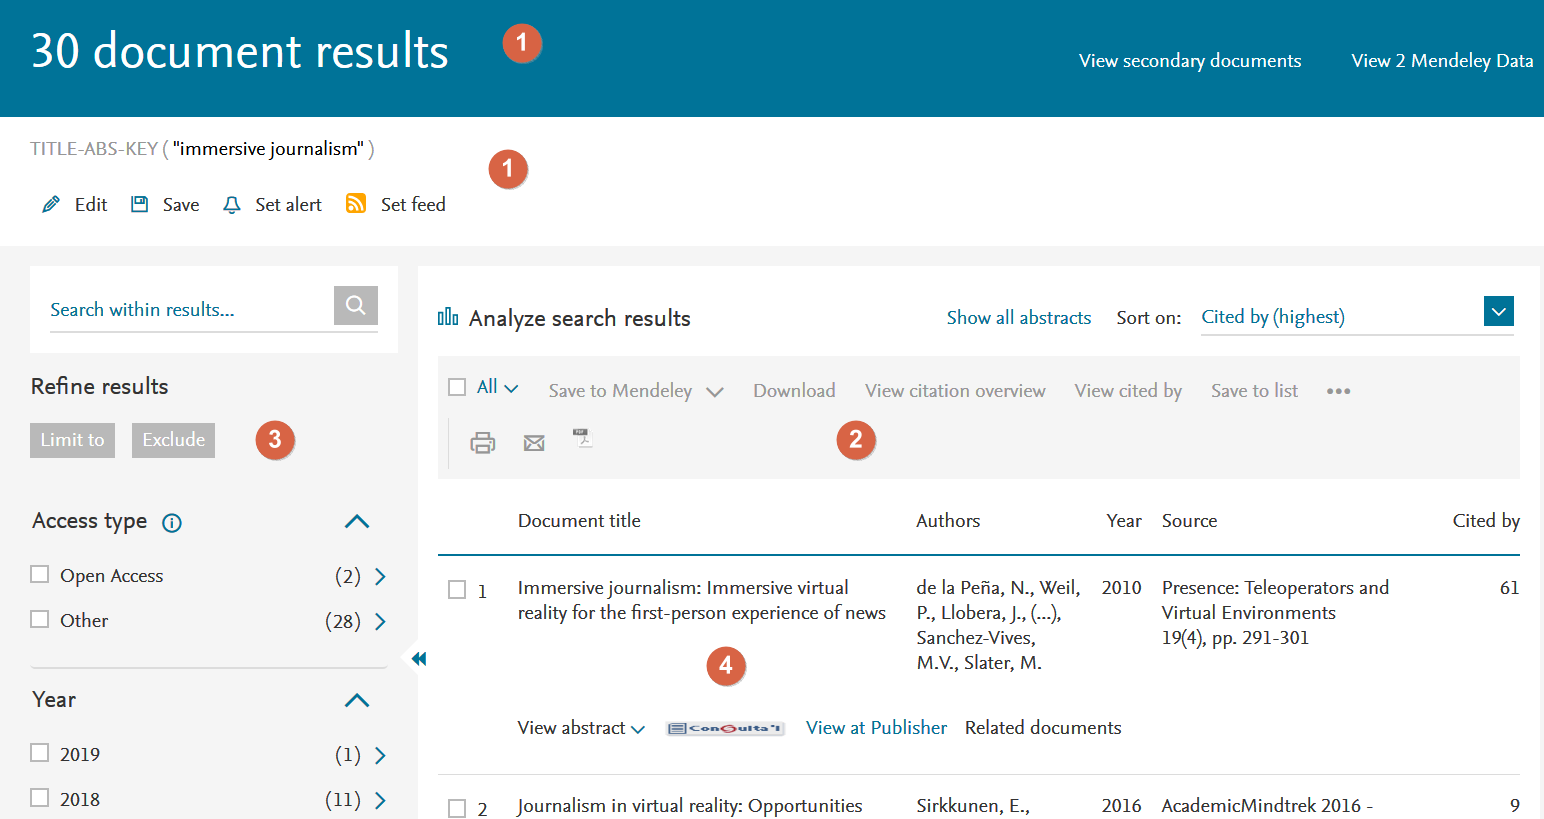 Las zonas activas del pattern de páginas de resultados en el caso de Scopus